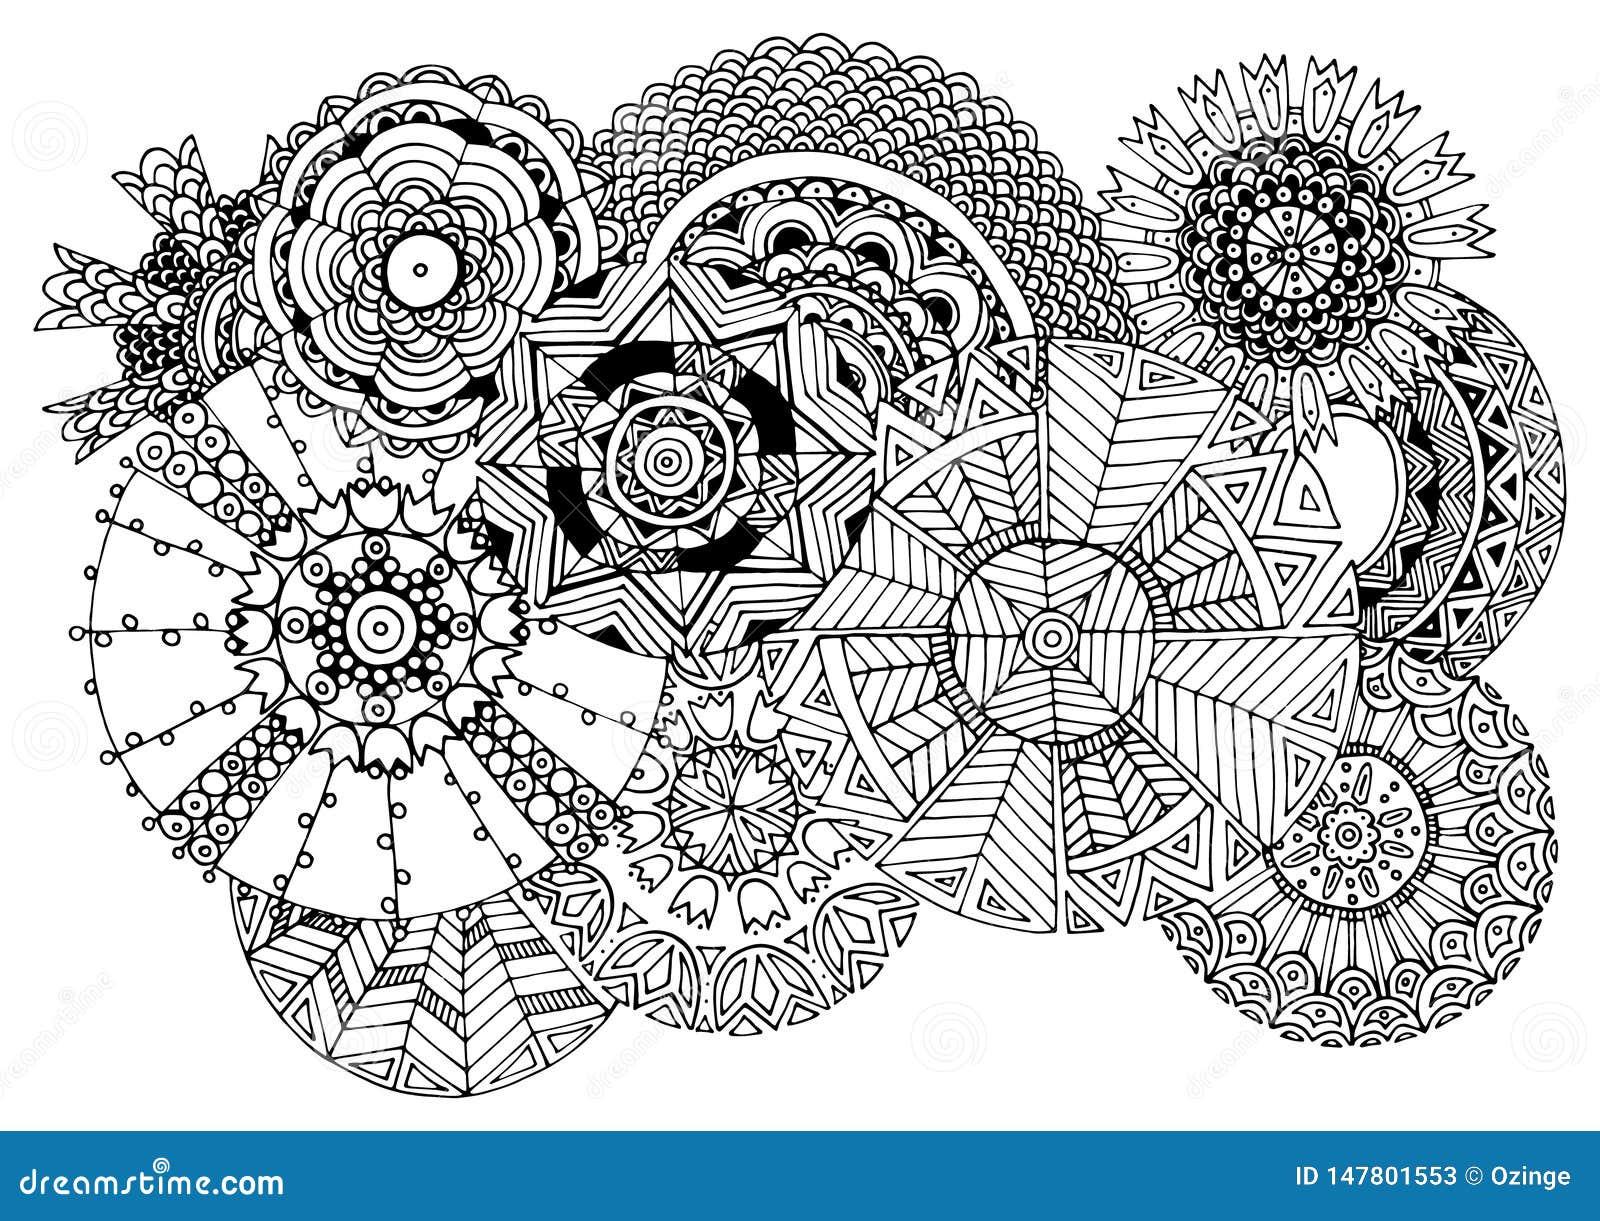 Undici cerchi ornati - disegno a tratteggio nero Immagine per le coperture, pagina di coloritura, carte, manifesti, carte da para